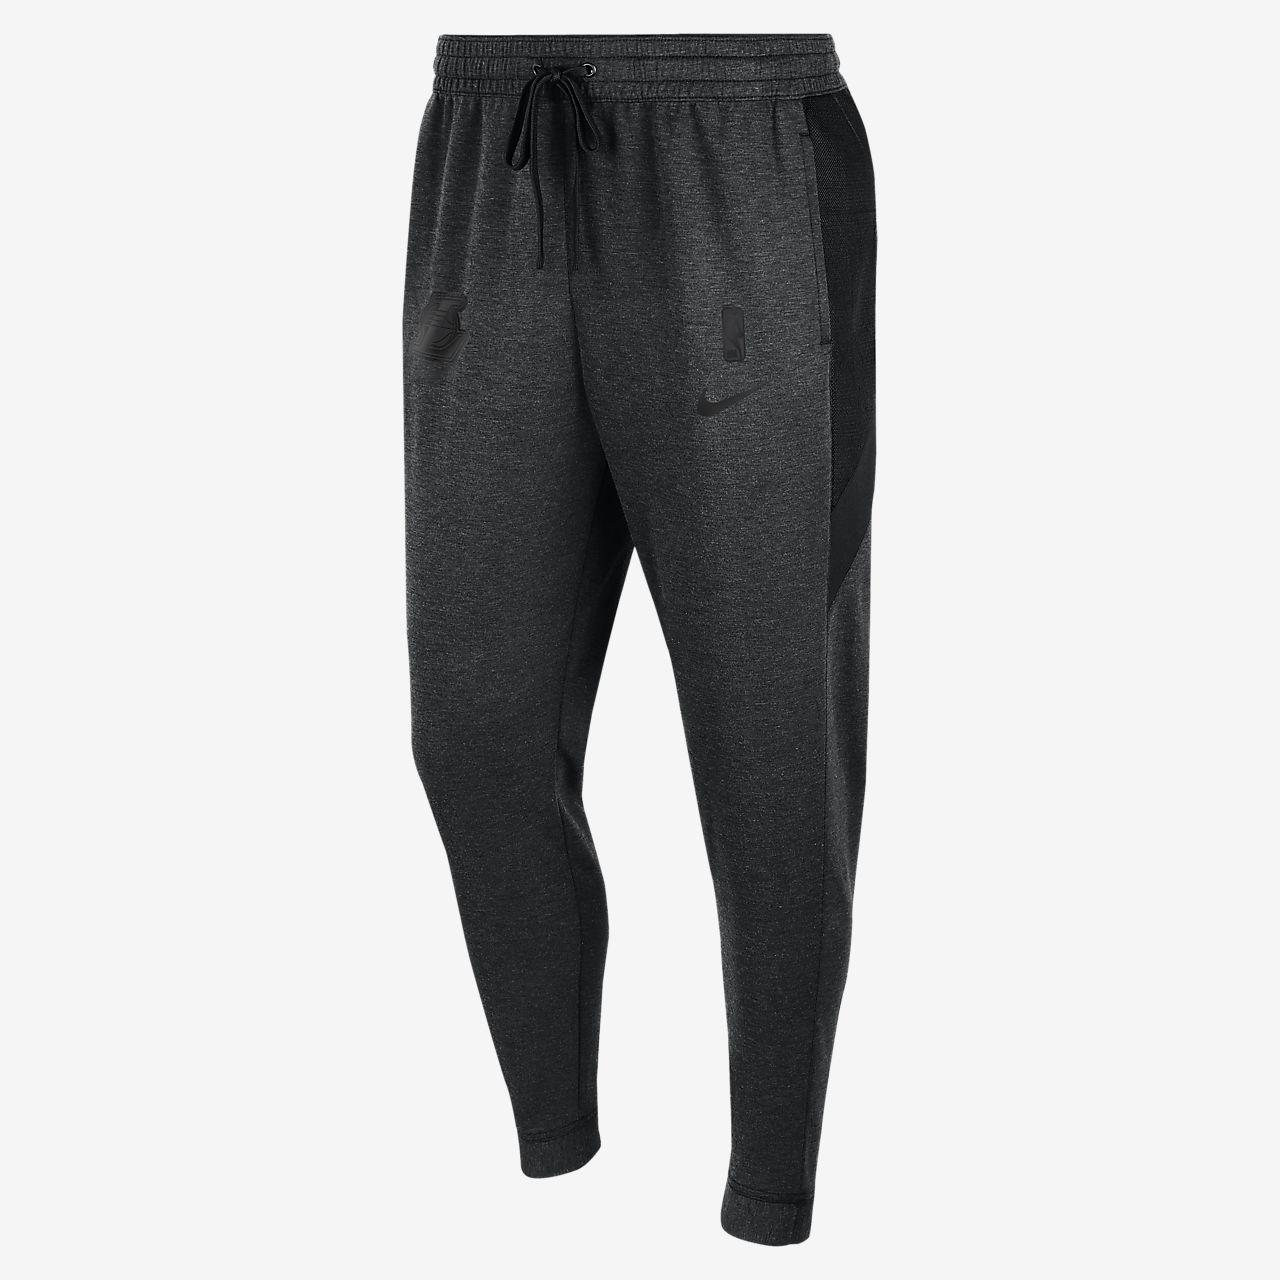 洛杉矶湖人队 Nike Dri-FIT Showtime NBA 男子长裤